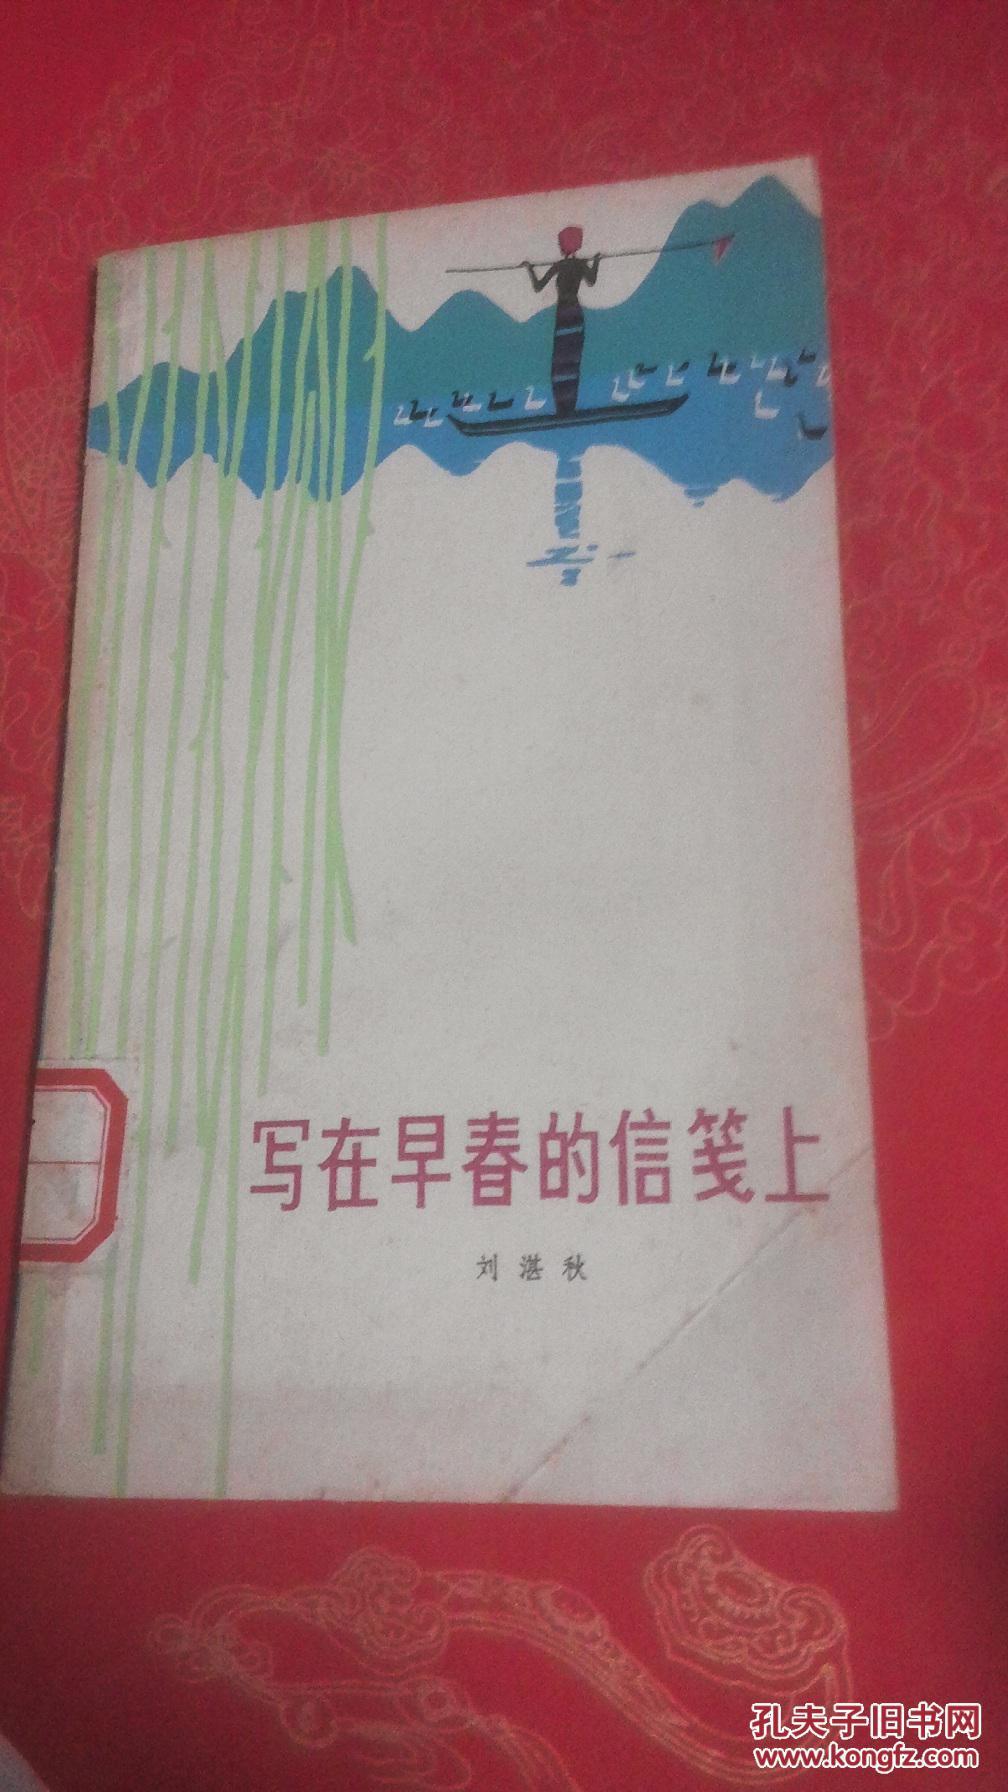 写在早春的信笺上_刘湛秋著_孔夫子旧书网图片